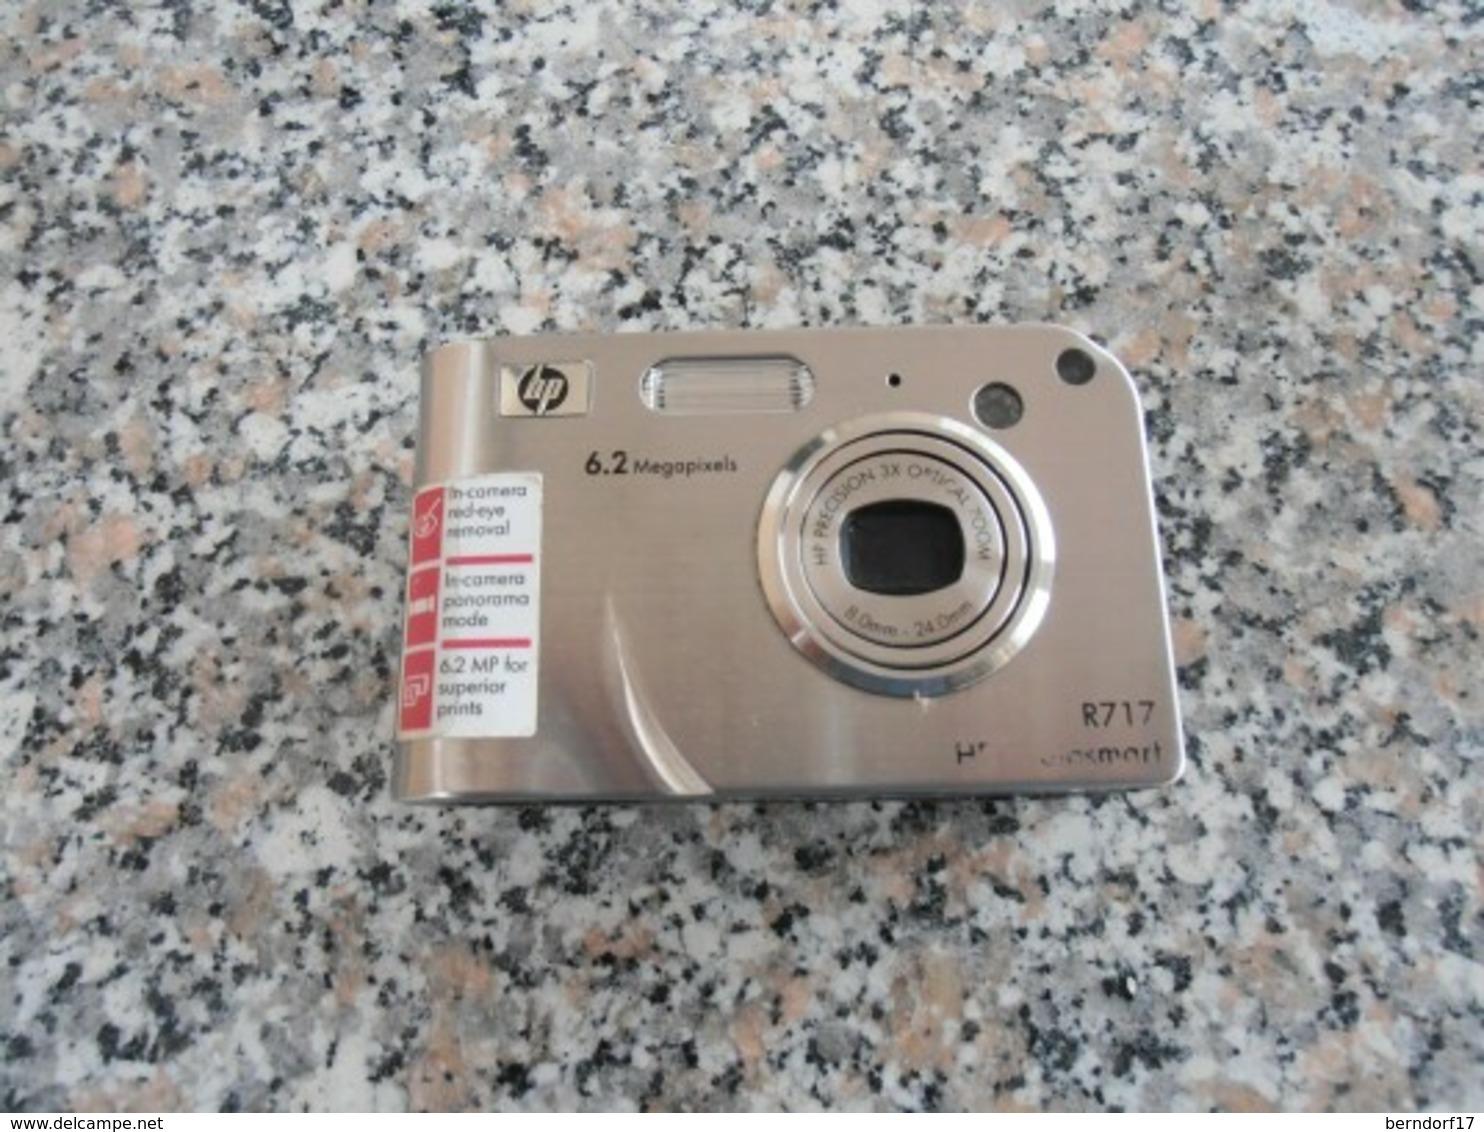 HP R717 - 6.2 Mega Pixels - Cameras